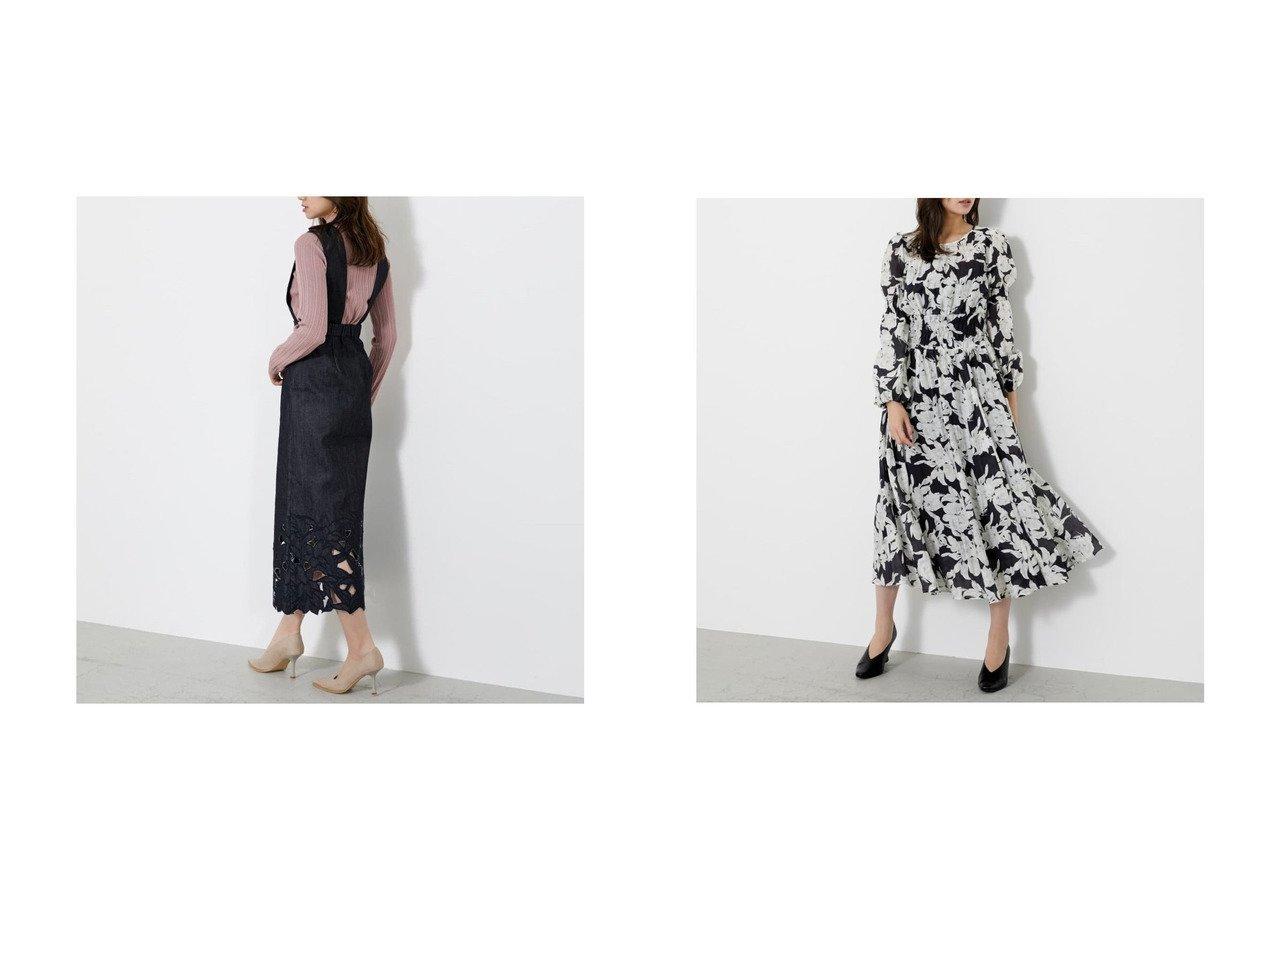 【rienda/リエンダ】のカットワークレースW AラインSK&アートフラワーシャーリングフレアOP SLYのおすすめ!人気、トレンド・レディースファッションの通販 おすすめで人気の流行・トレンド、ファッションの通販商品 メンズファッション・キッズファッション・インテリア・家具・レディースファッション・服の通販 founy(ファニー) https://founy.com/ ファッション Fashion レディースファッション WOMEN スカート Skirt ワンピース Dress 2021年 2021 2021 春夏 S/S SS Spring/Summer 2021 S/S 春夏 SS Spring/Summer サスペンダー 春 Spring  ID:crp329100000018469